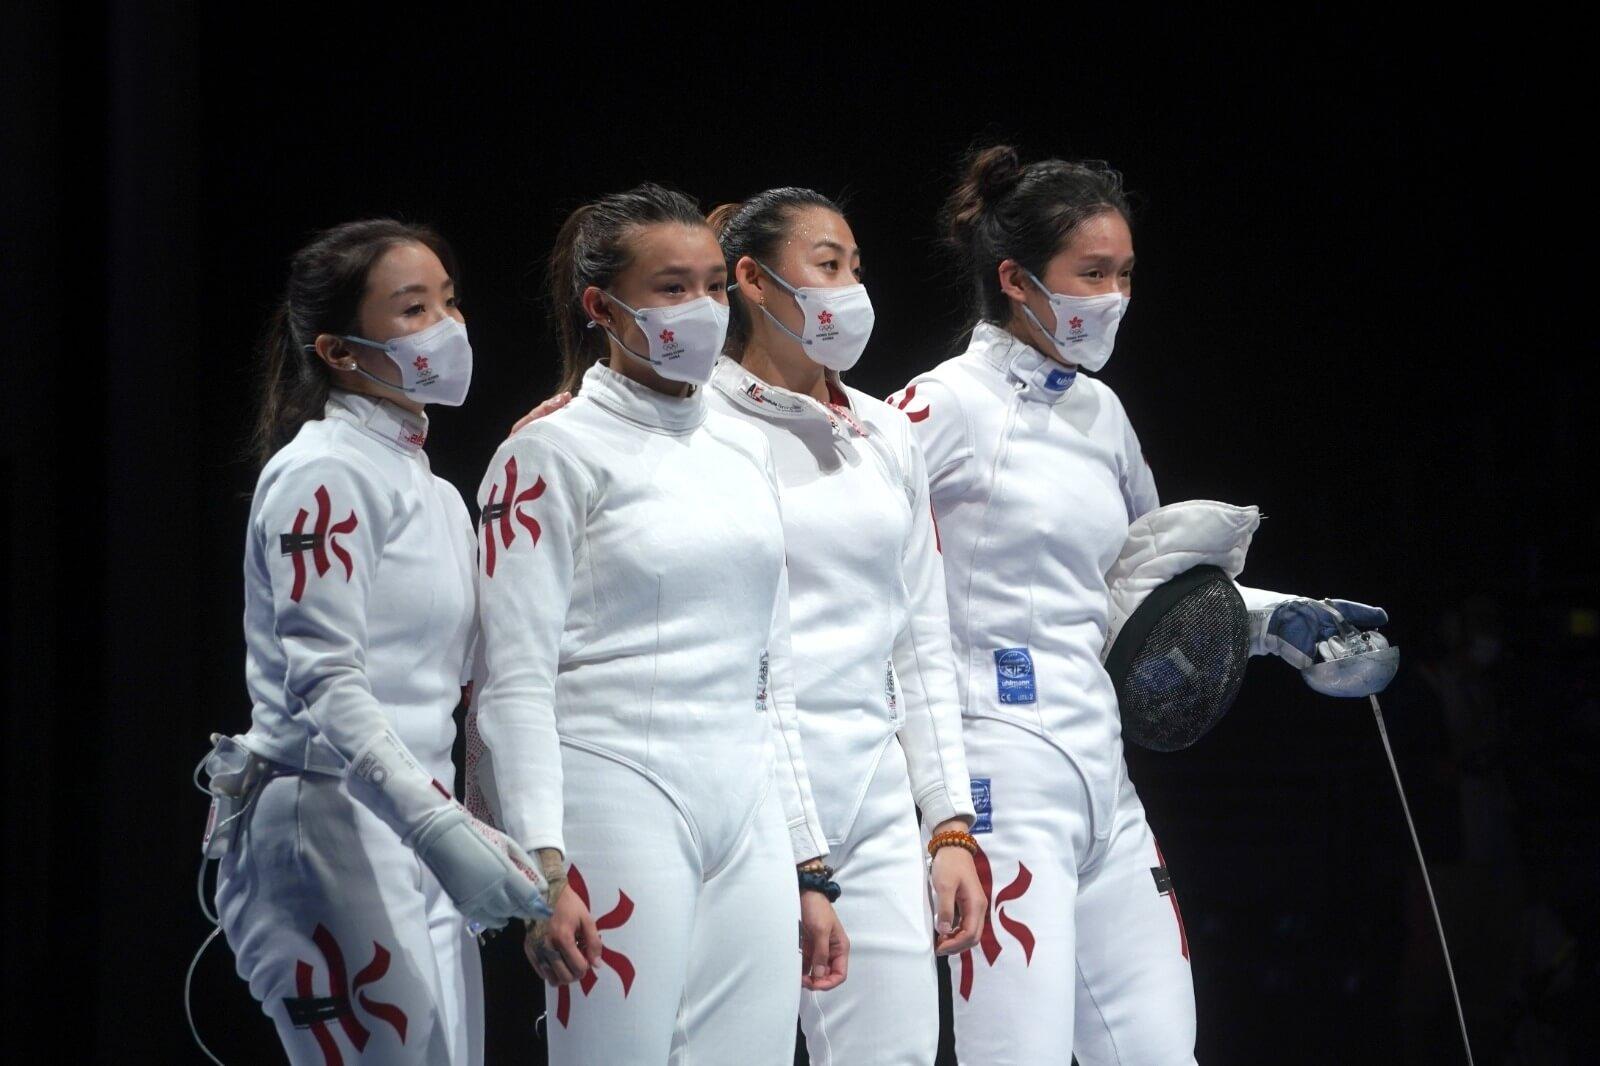 東京奧運女子重劍團體賽今日展開,由江旻憓、佘繕妡、連翊希及朱嘉望組成嘅港隊喺五至八名排名賽31:42不敵美國後,轉戰七至八名排名賽,同俄羅斯奧委會爭奪第7名。